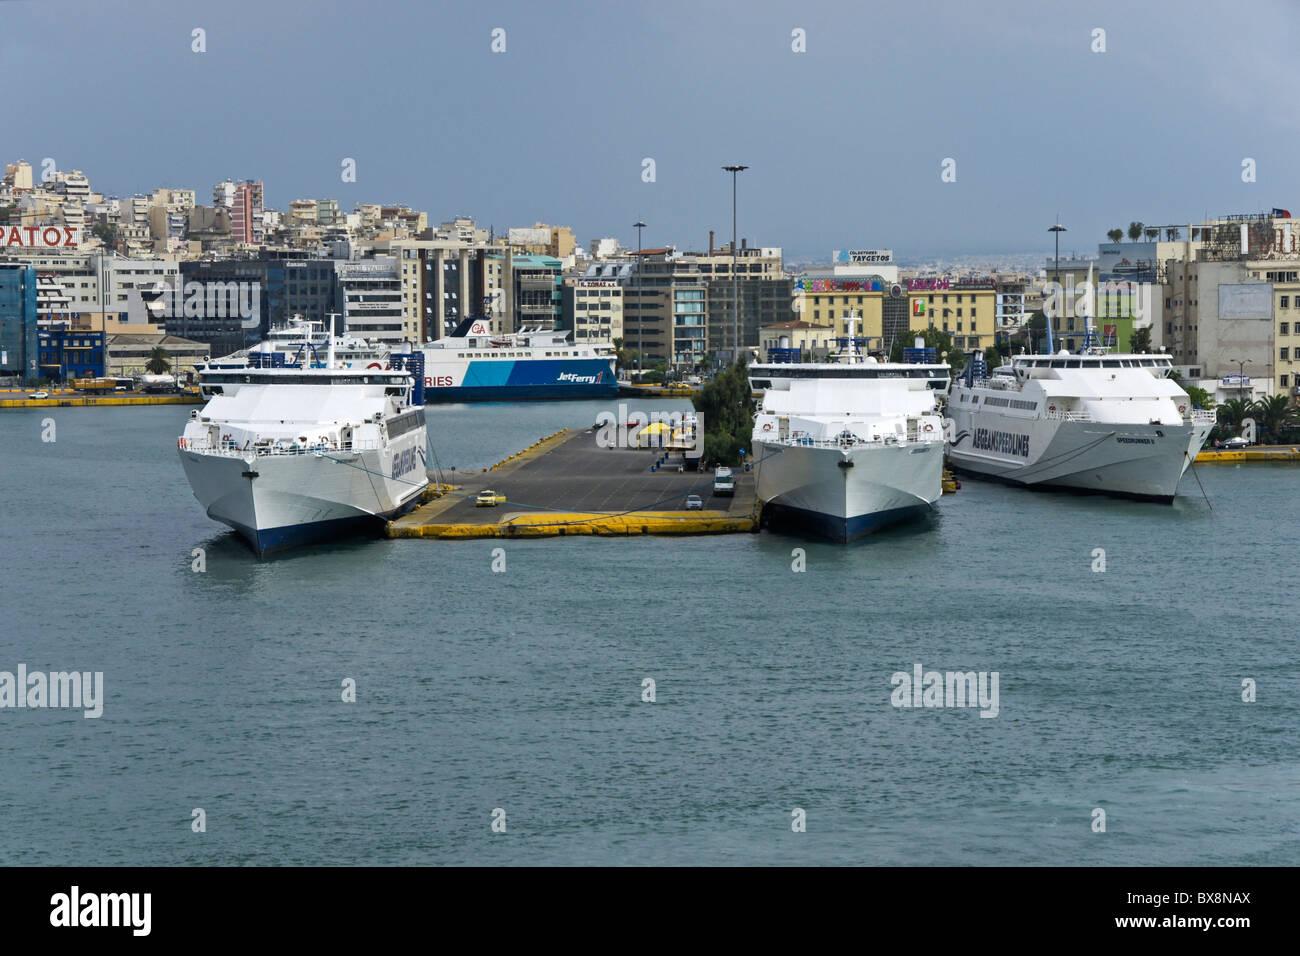 Speed Lines Speedrunner ferries berthed in Piraeus Piraeus harbour Greece - Stock Image